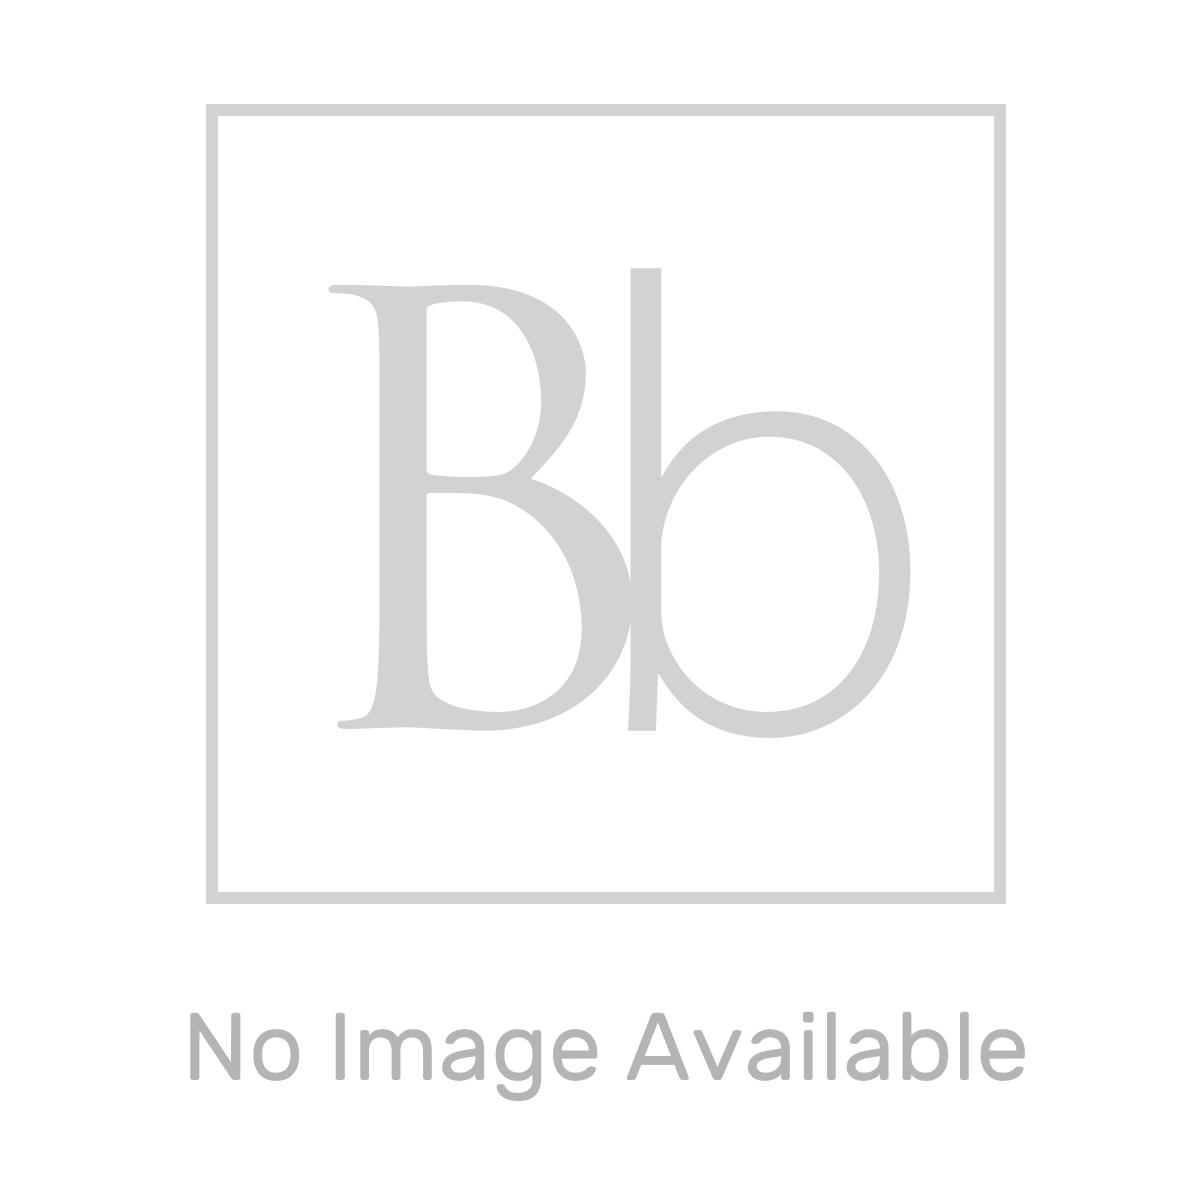 Salamander Home Boost Pump 1.6 Bar Left